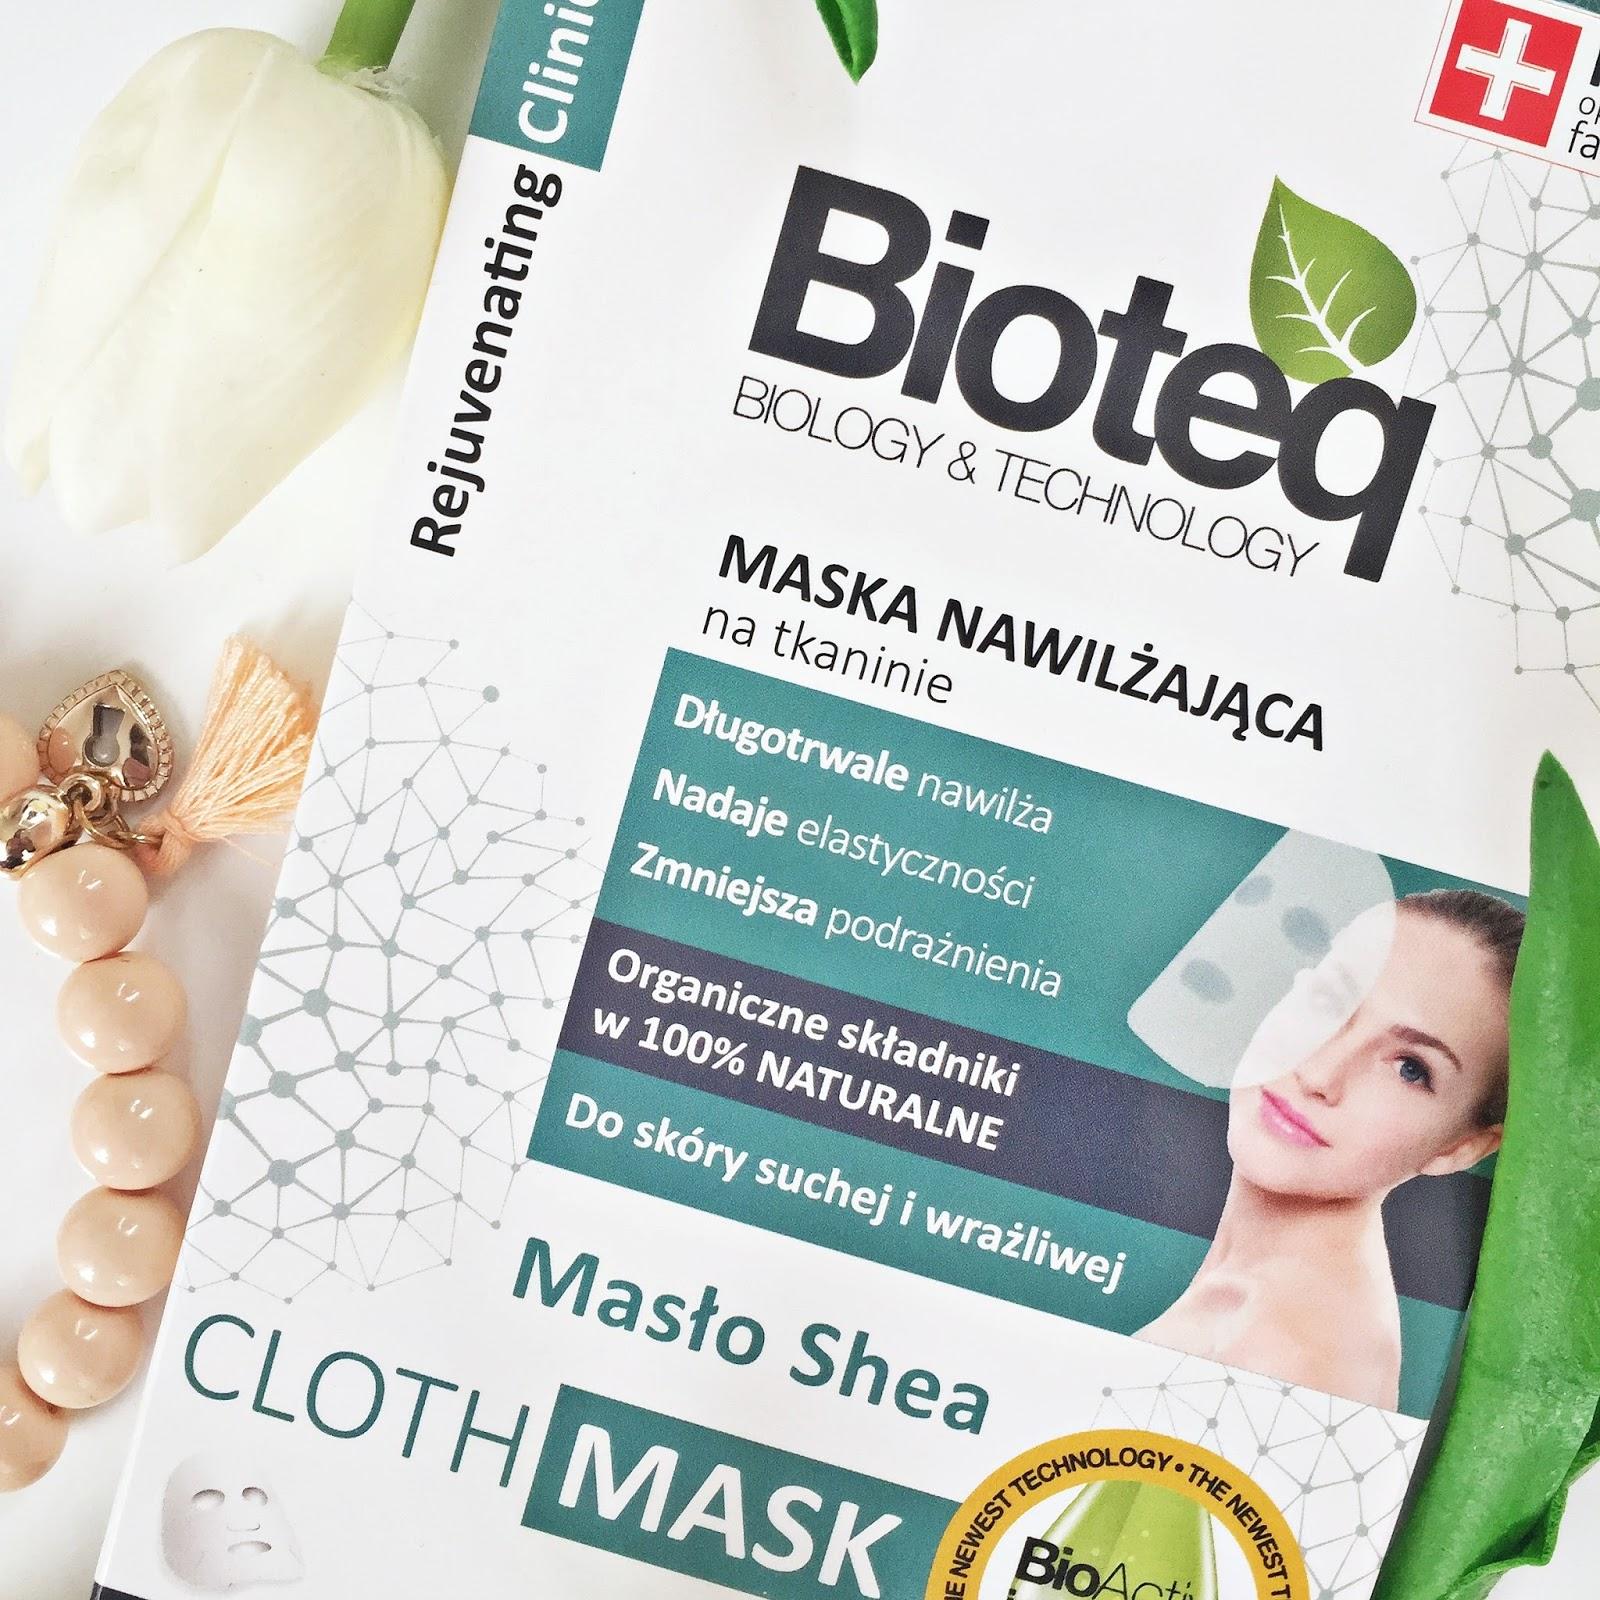 bioteq maska